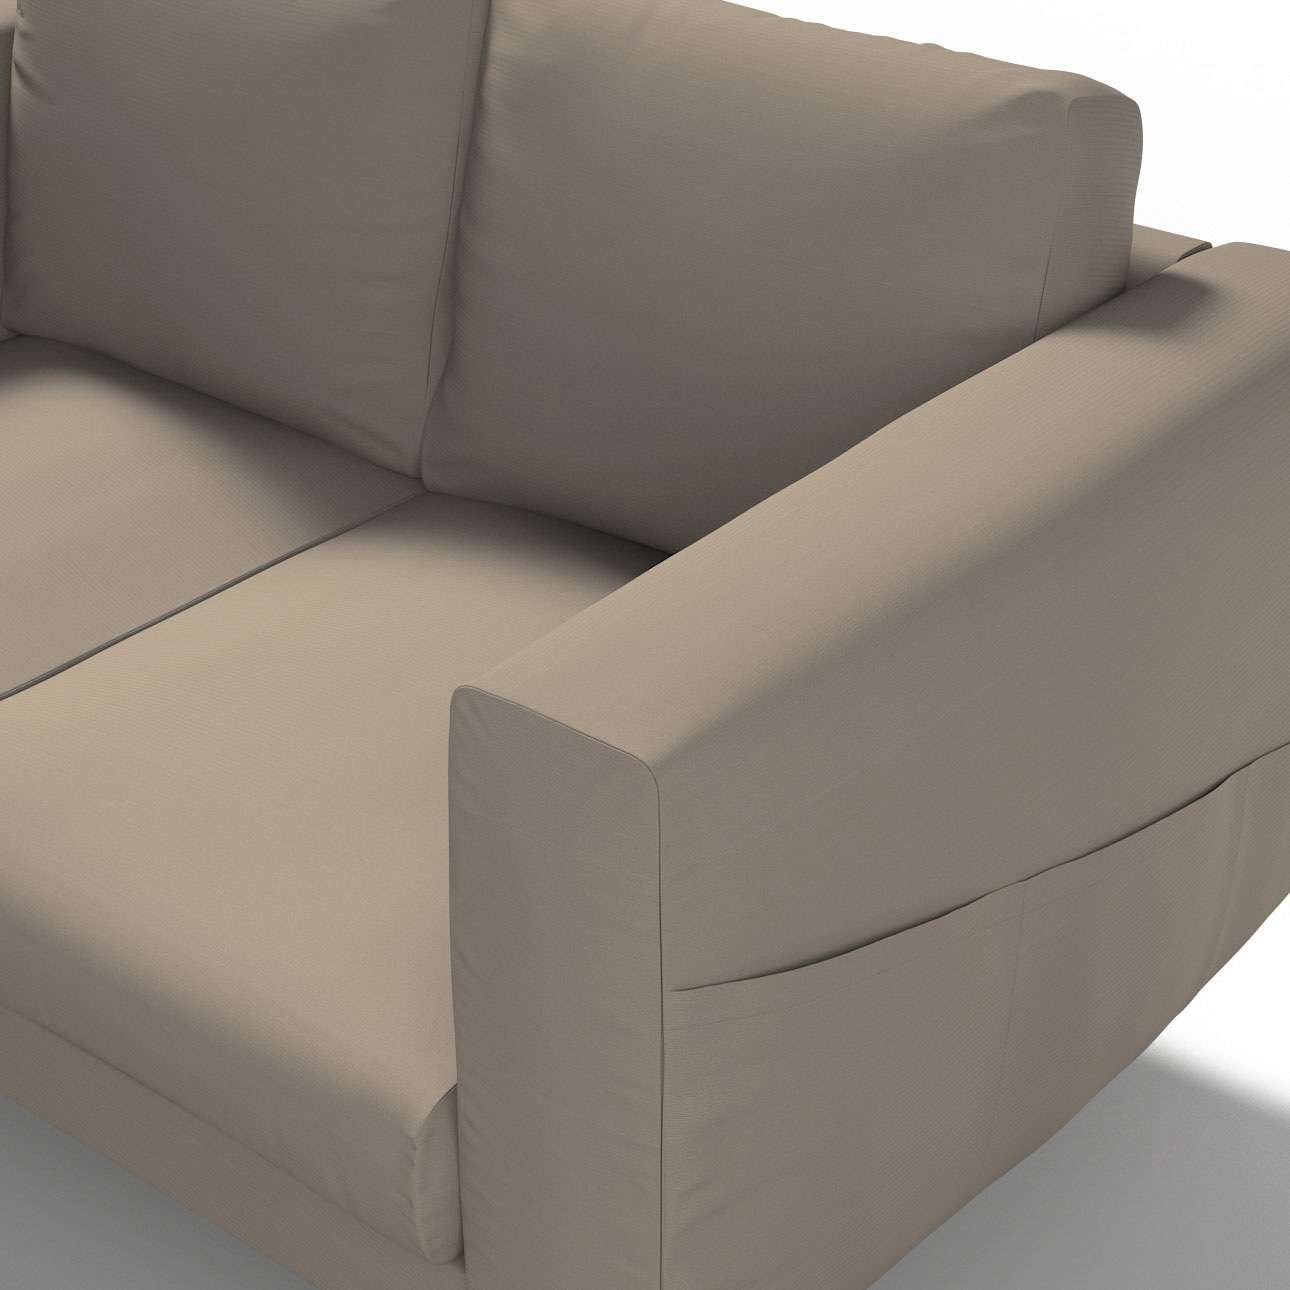 Pokrowiec na sofę Norsborg 2-osobową w kolekcji Cotton Panama, tkanina: 702-28